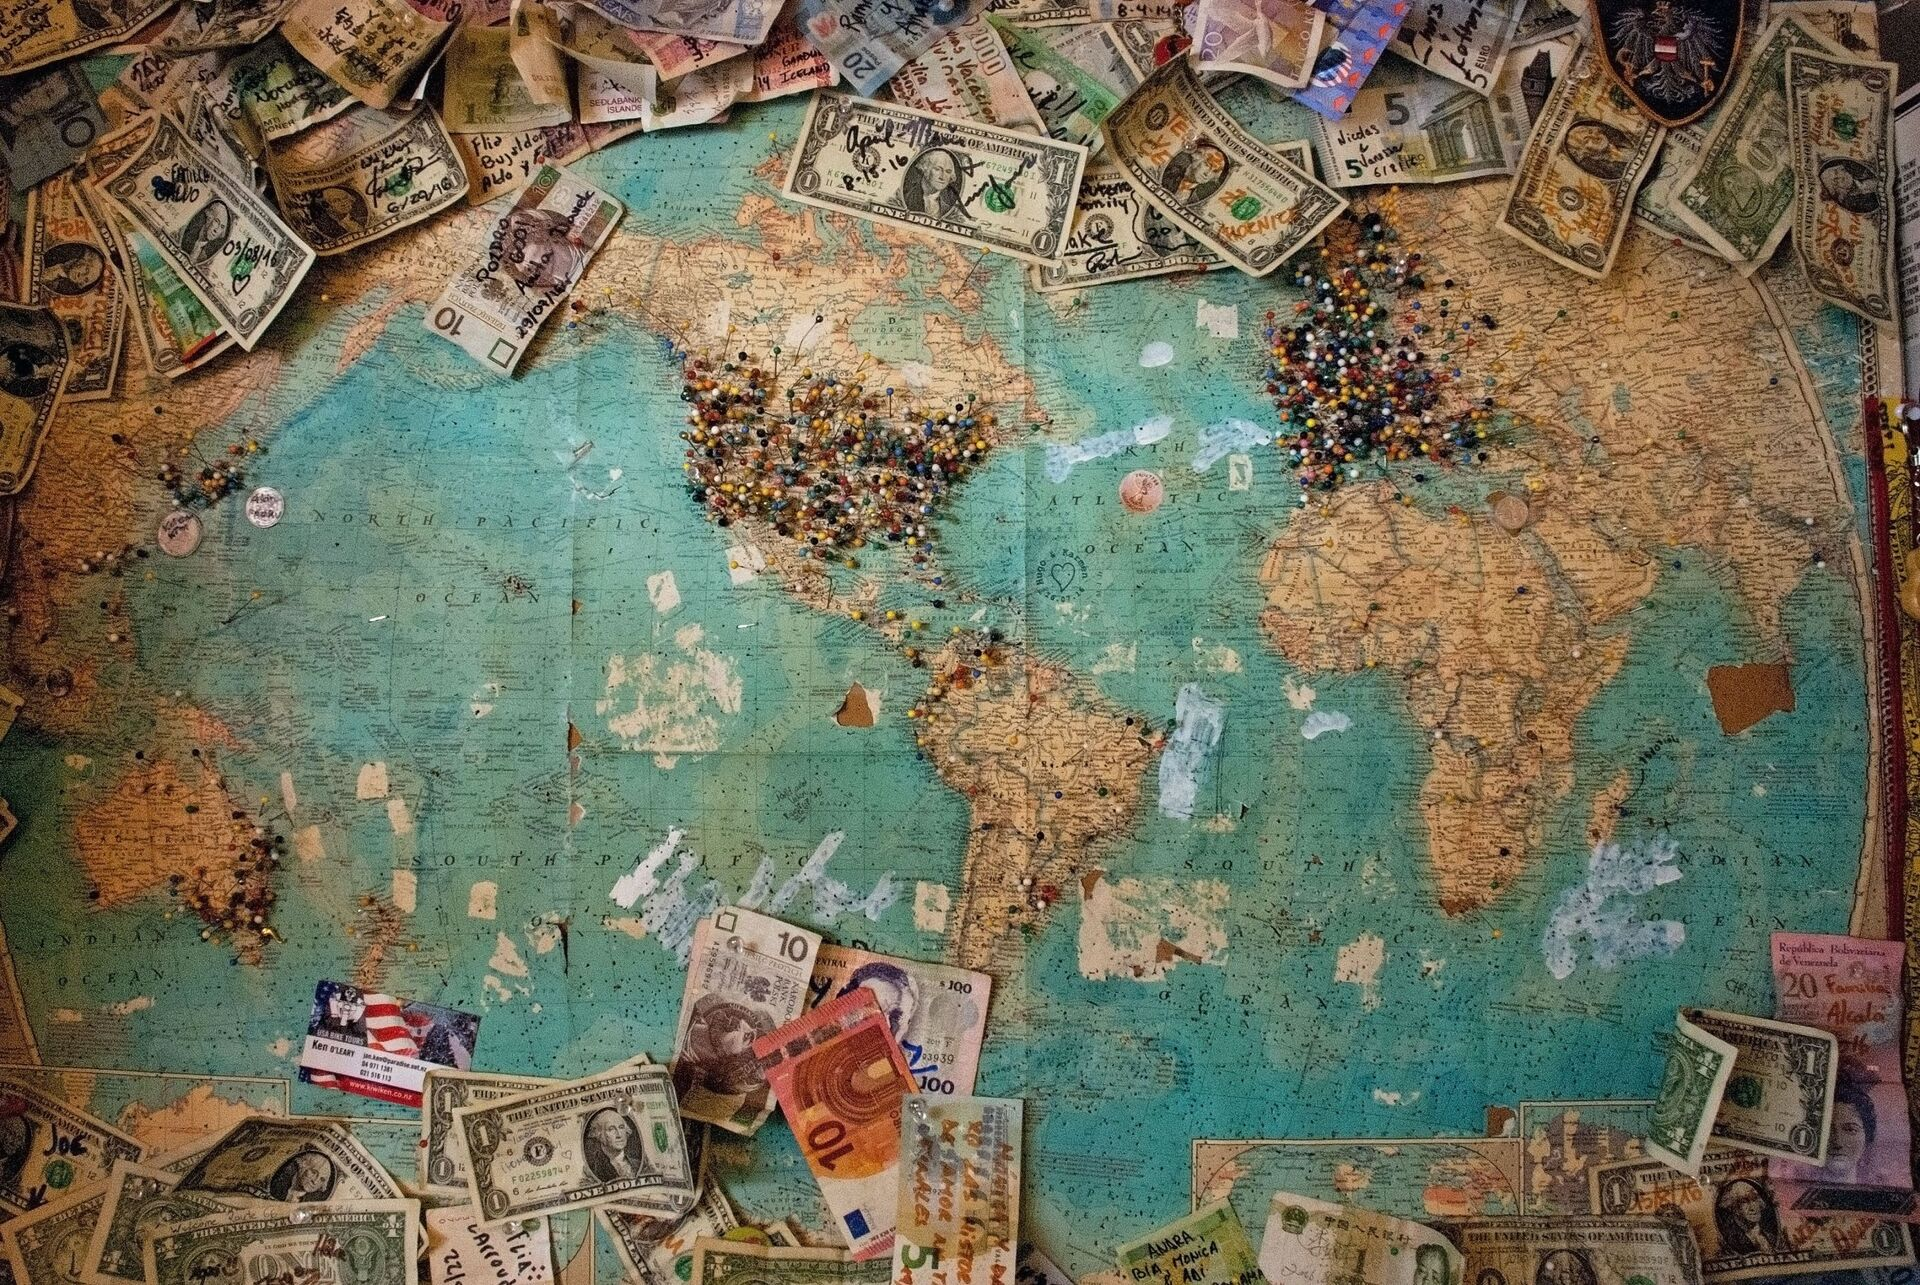 Мапа света са новчаницама евра и долара - Sputnik Србија, 1920, 28.09.2021